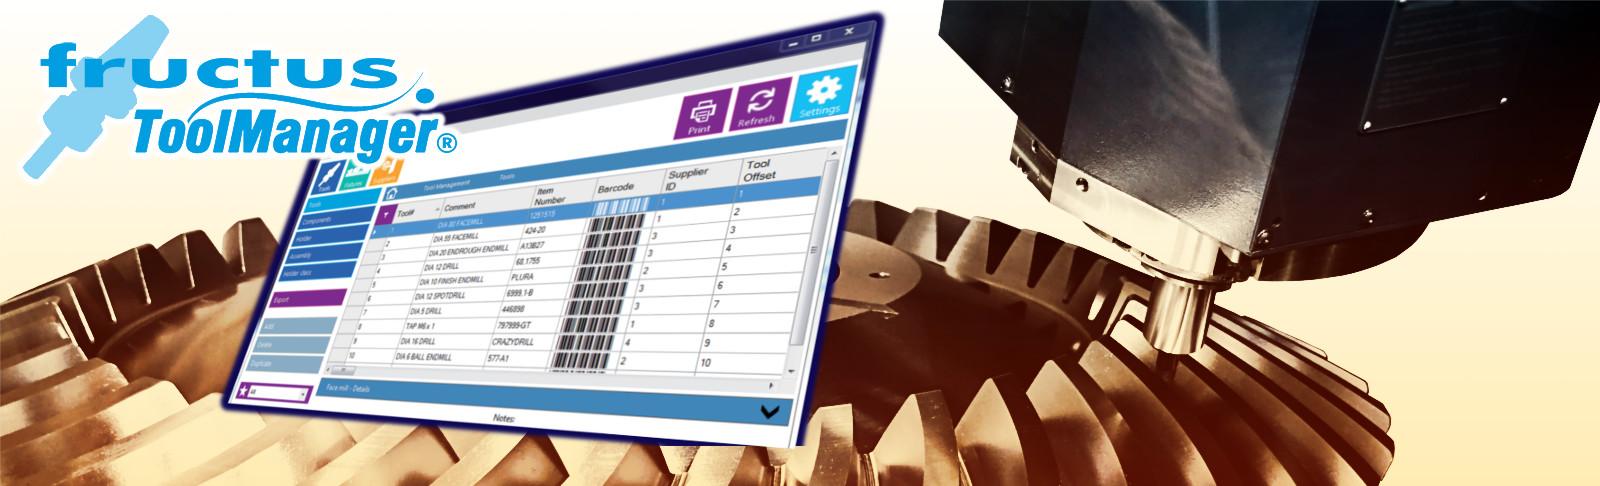 Fructus ToolManager työkalujen hallinta ohjelmisto